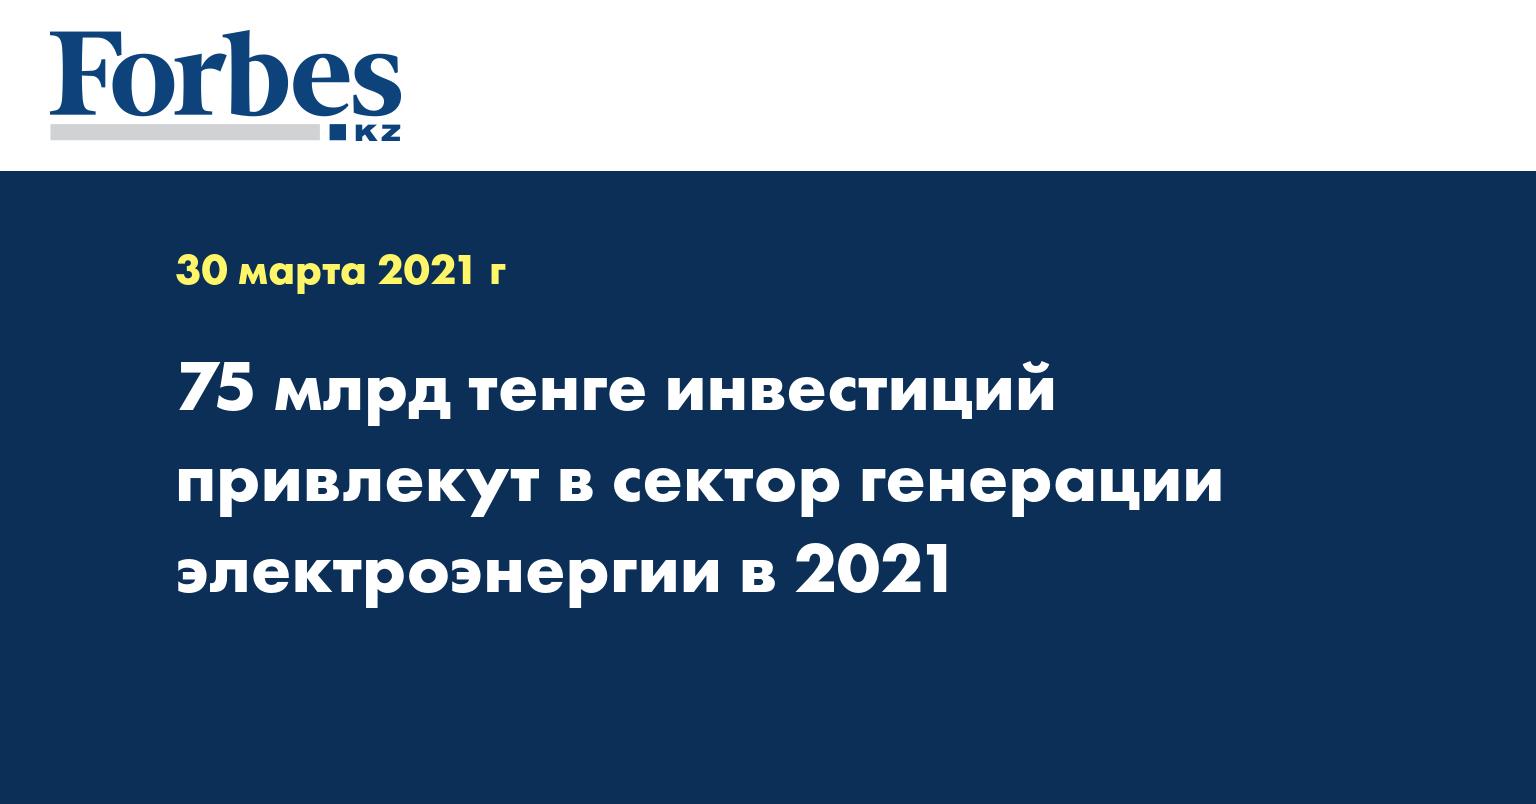 75 млрд тенге инвестиций привлекут в сектор генерации электроэнергии в 2021